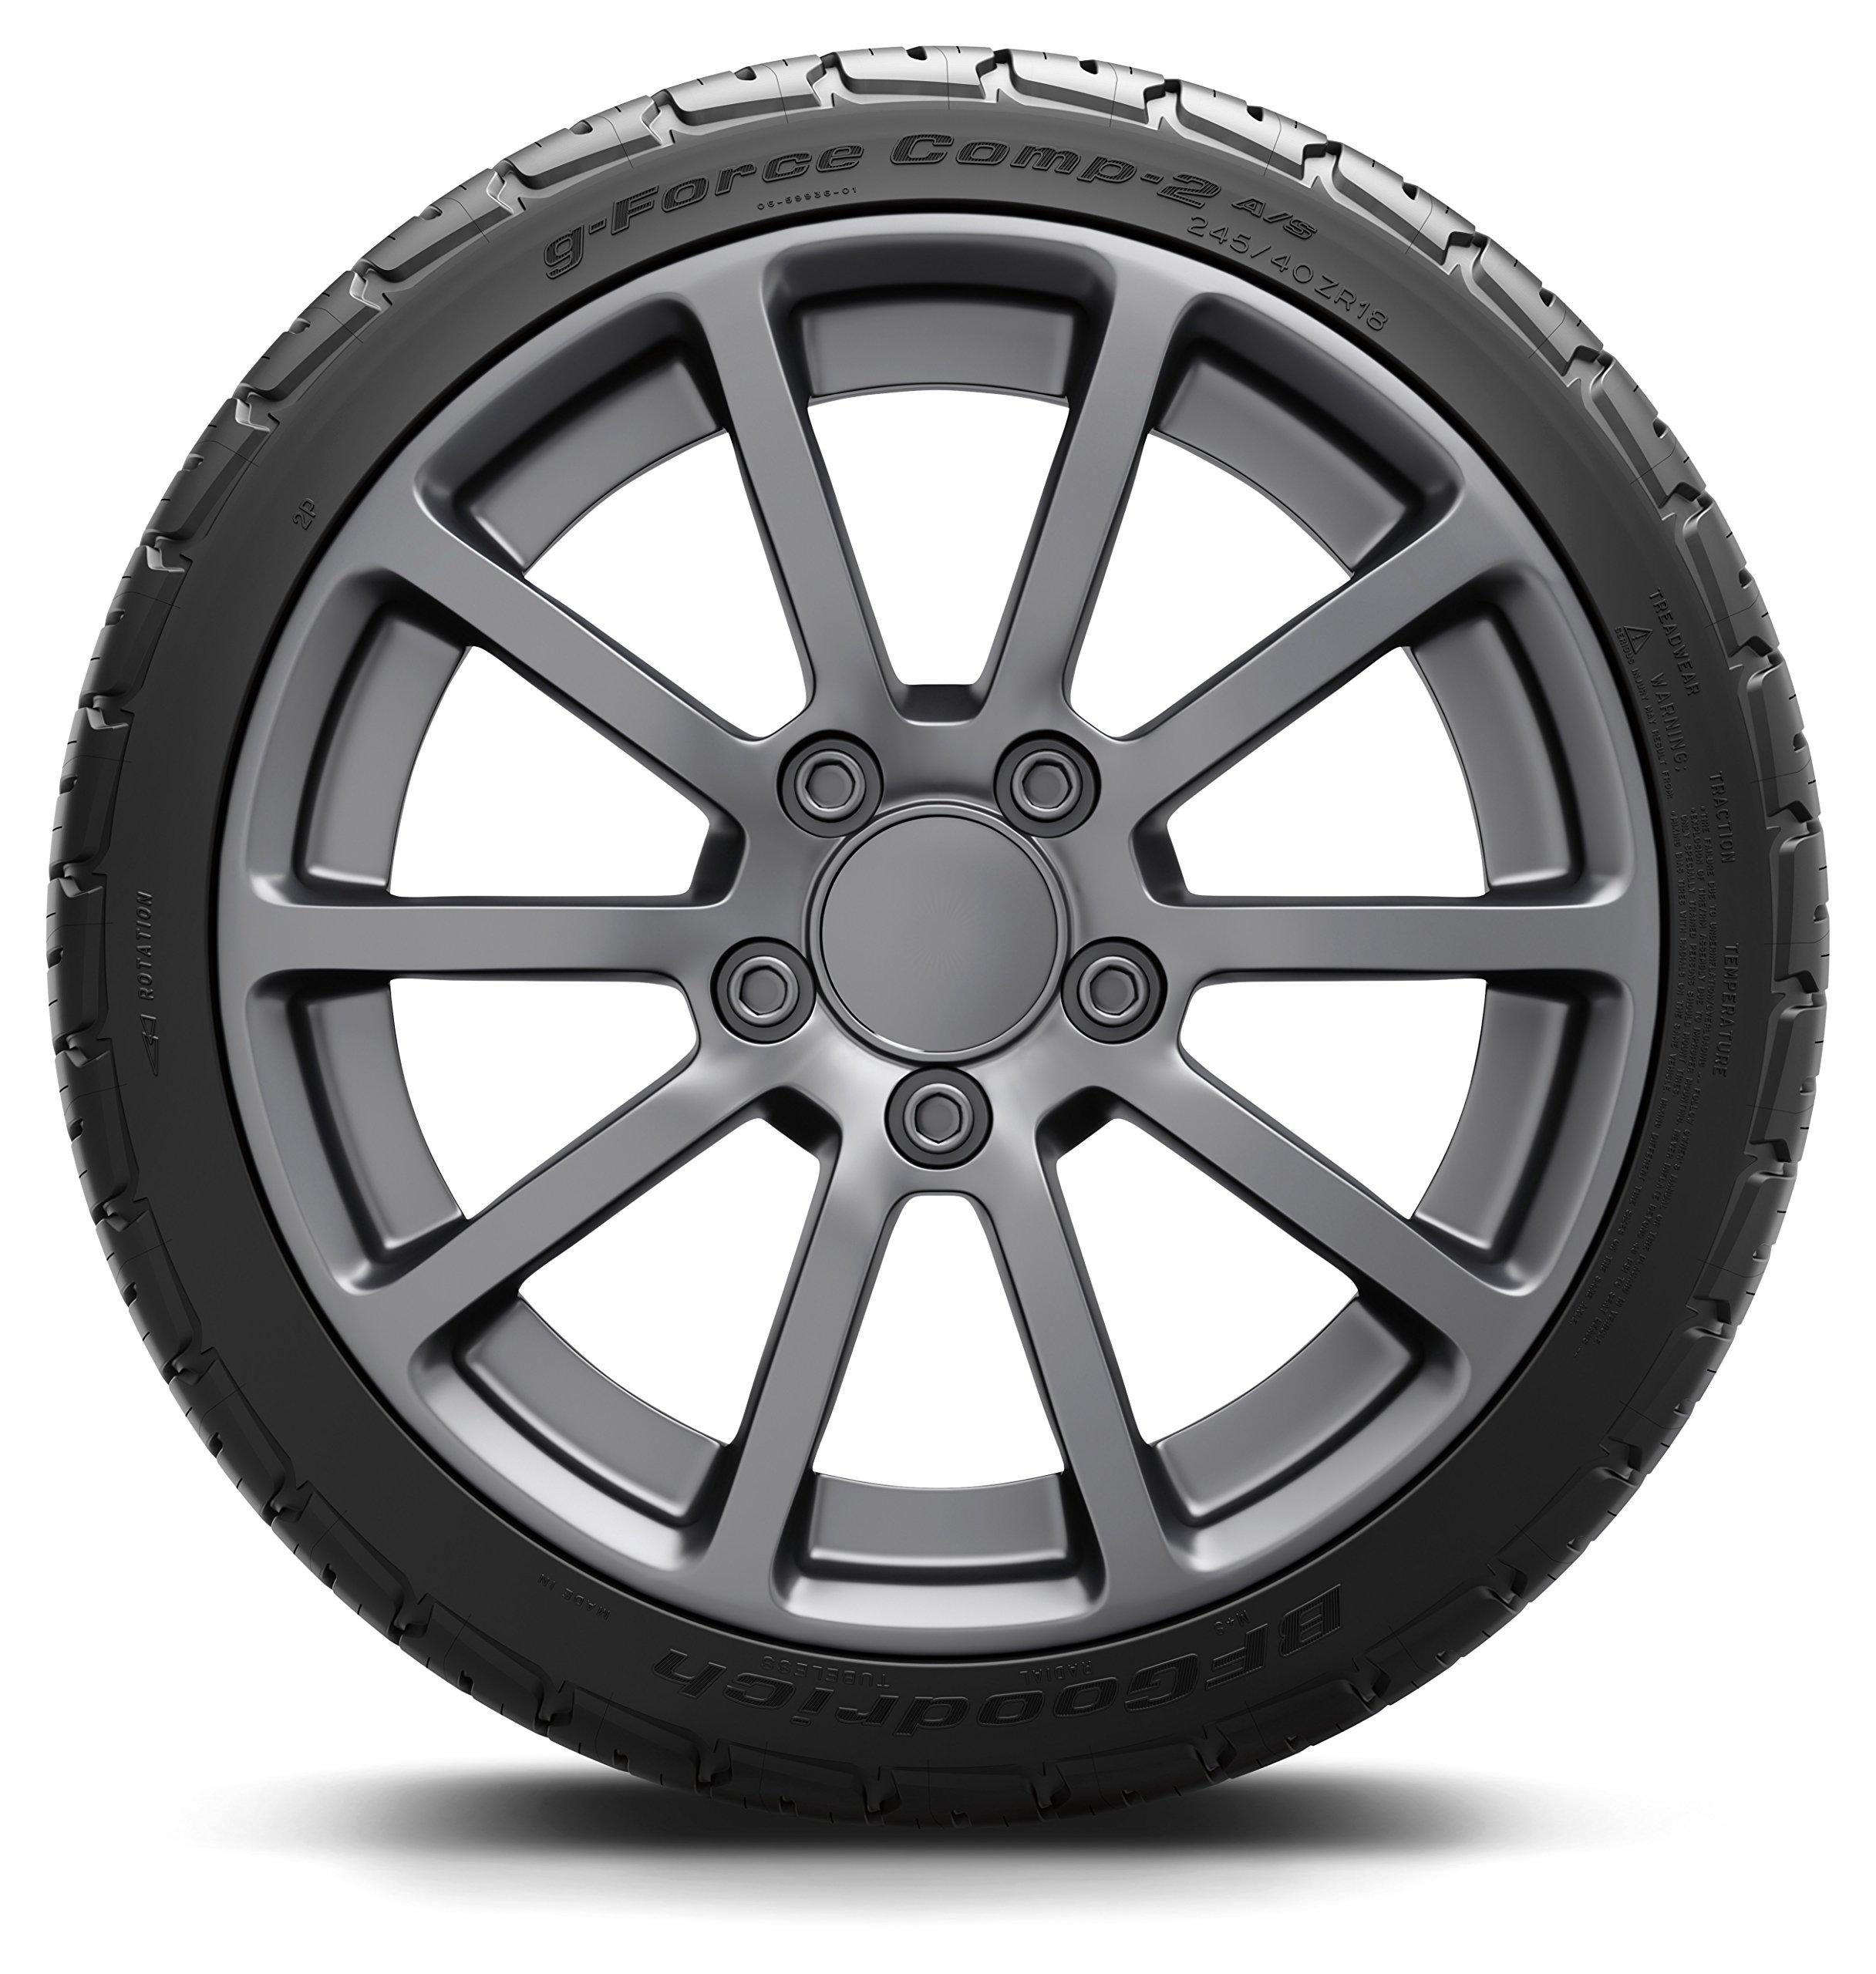 BFGoodrich g-Force COMP-2 A/S All-Season Radial Tire - 235/50ZR18 97W by BFGoodrich (Image #1)